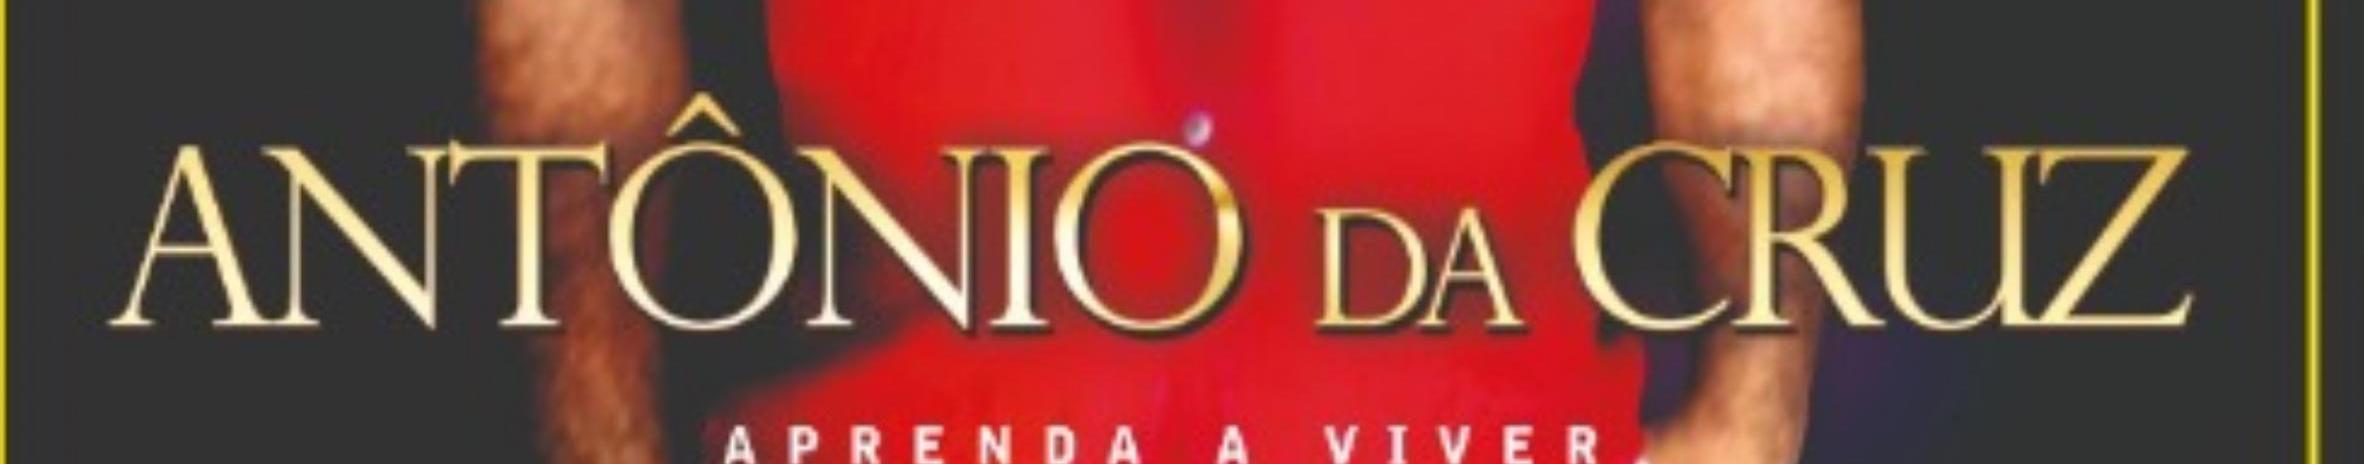 Imagem de capa de Antônio da Cruz